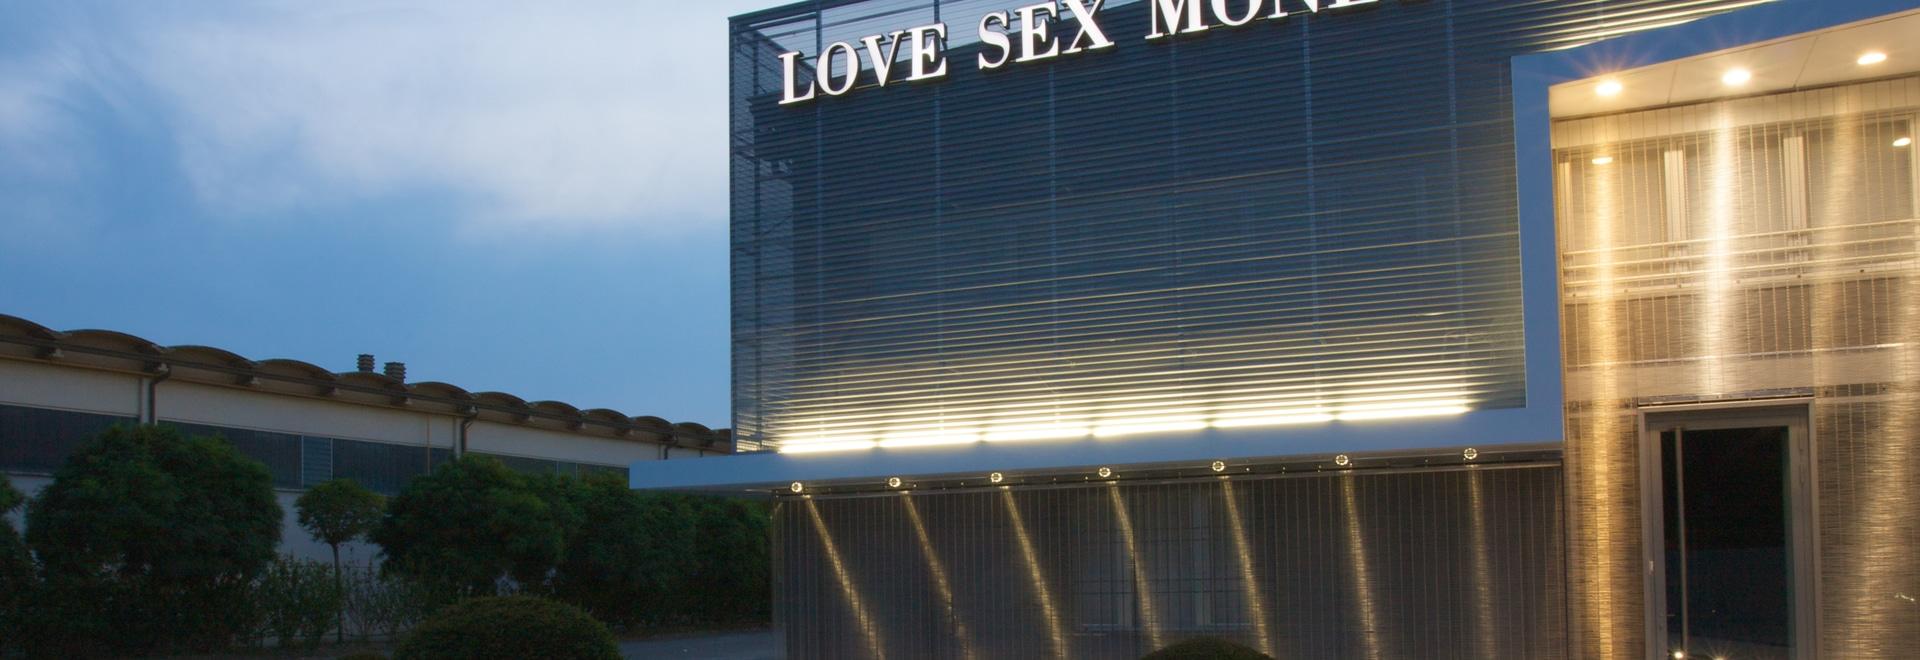 Las fachadas - ame las jefaturas del dinero del sexo; Carpos, Módena